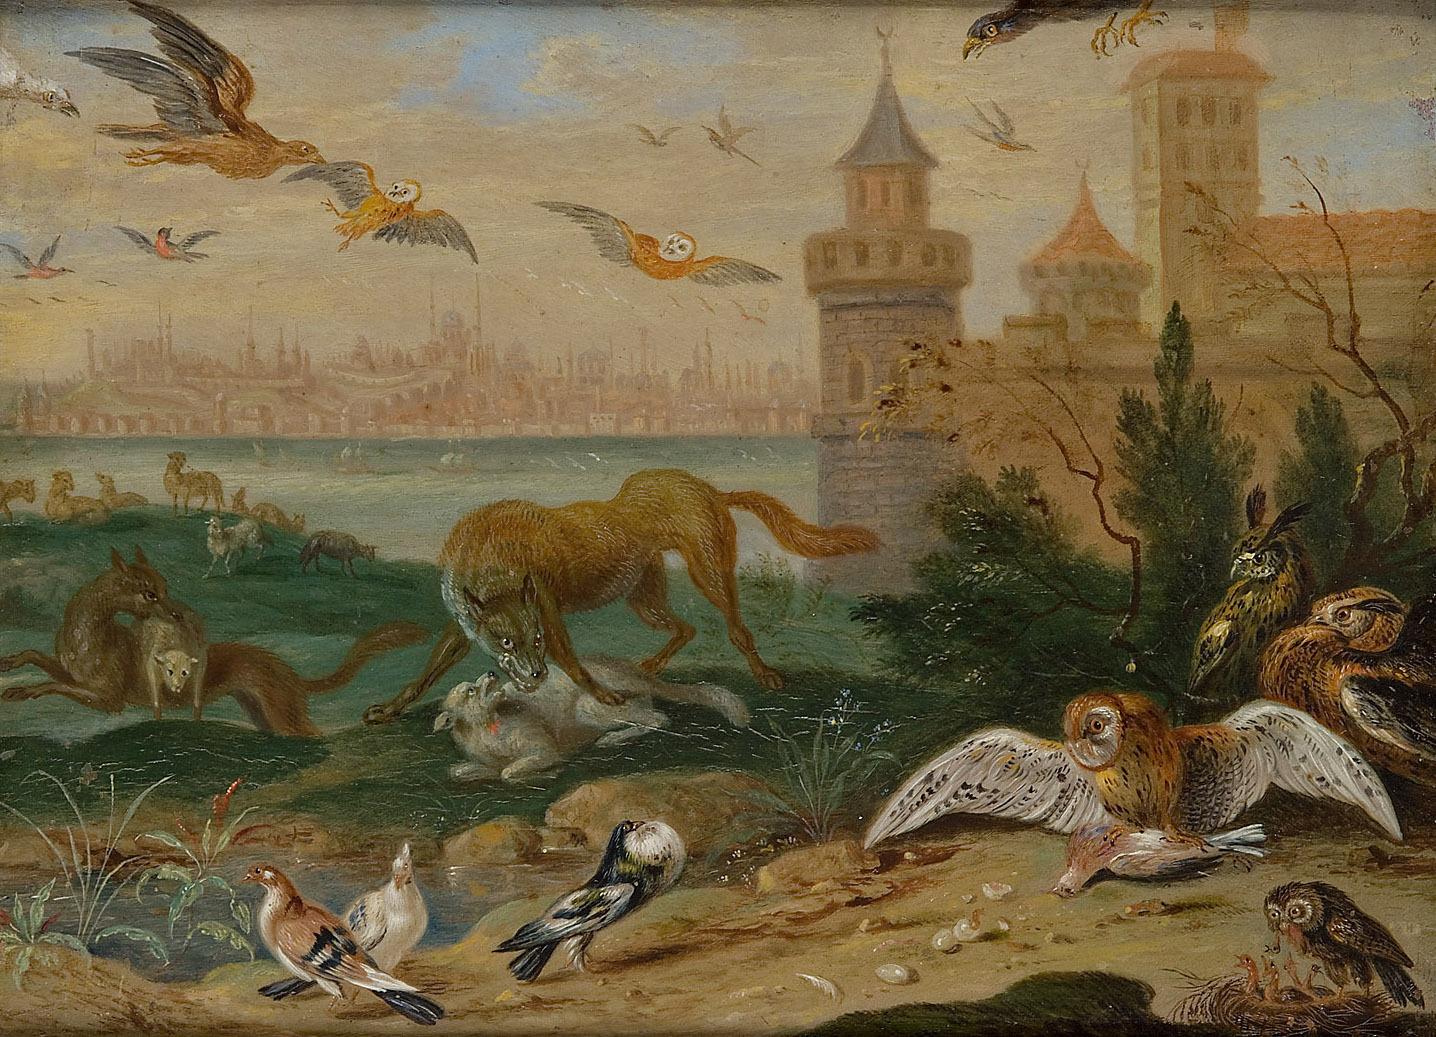 Ansichten aus den vier Weltteilen mit Szenen von Tieren: Konstantinopel von Ferdinand van Kessel